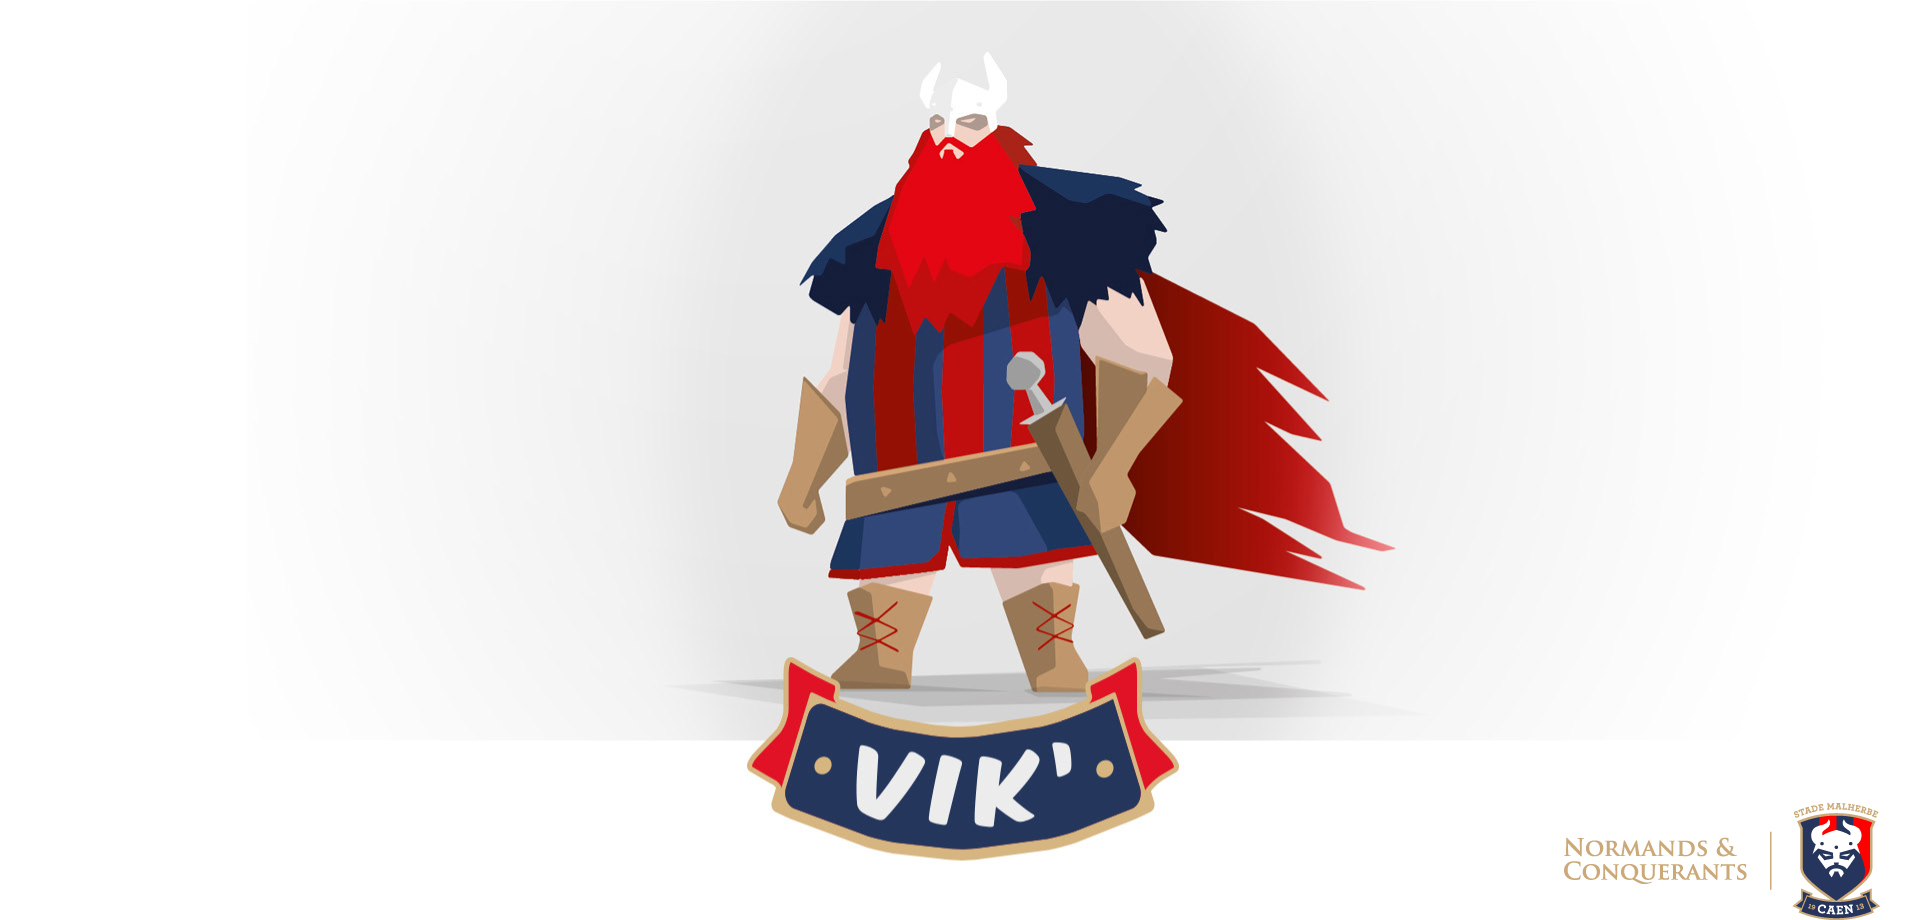 Vik' nouvelle mascotte Stade Malherbe caen 2016